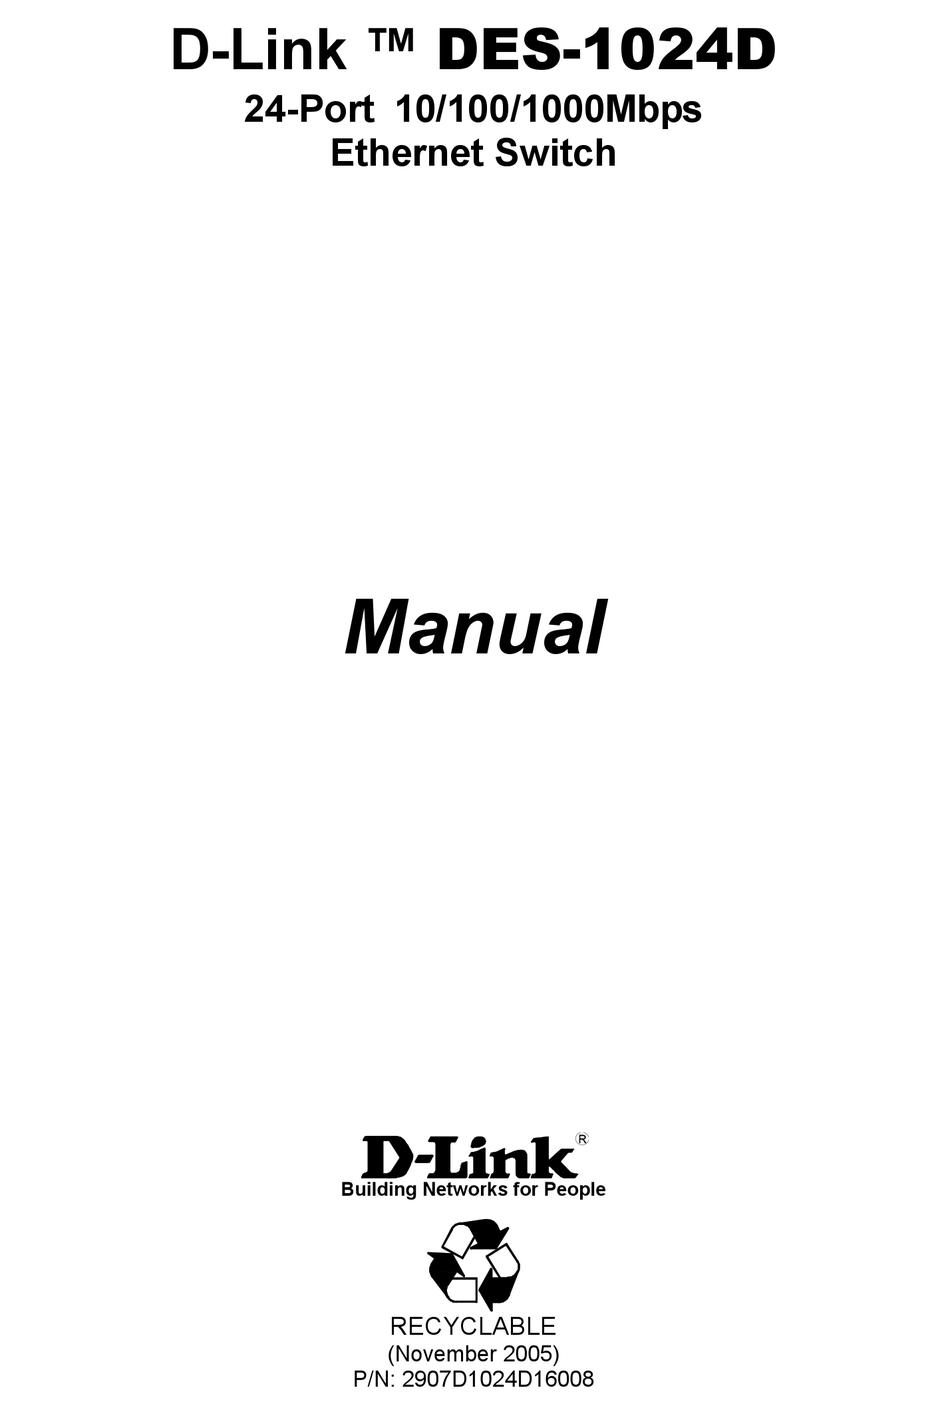 D-LINK 24-PORT 10/100/1000MBPS ETHERNET SWITCH DES-1024D